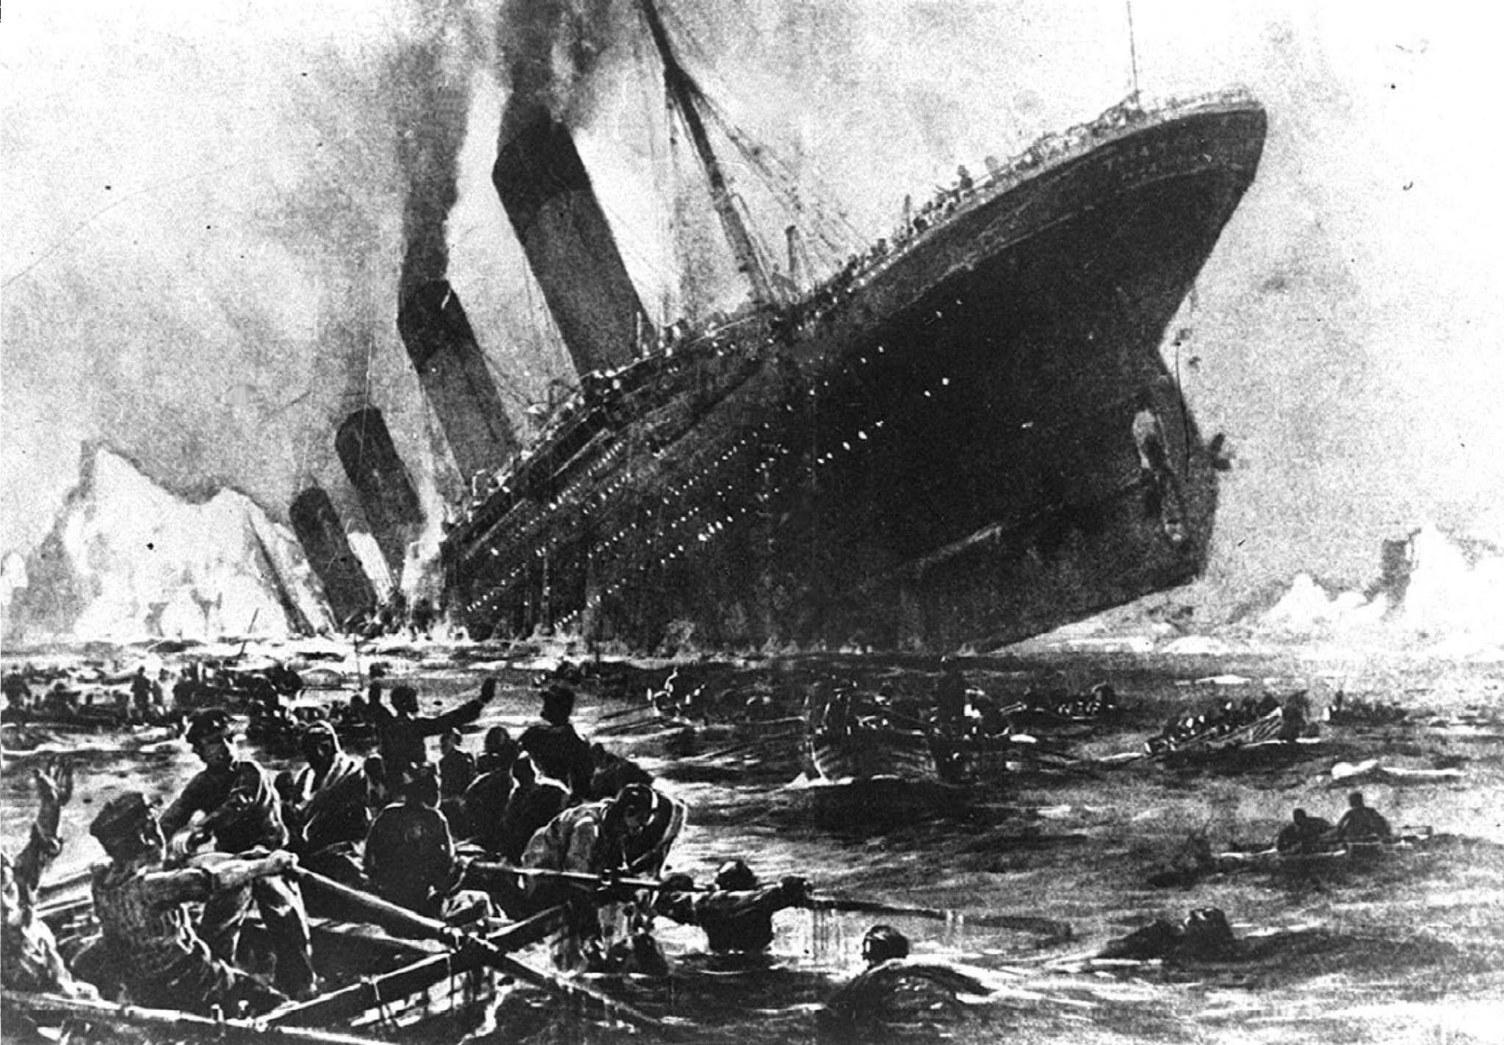 A New York Times 1997. áprilsi 8-i számában megjelent cikk szerint egy új tudományos kutatás arra a következtetésre jutott, hogy hat, emberi tenyér szélességű vágás, és nem egy hatalmas hasadék okozta a Titanic óceánjáró 1912. április 14-én bekövetkezett katasztrófáját. (MTI FOTO/EPA)